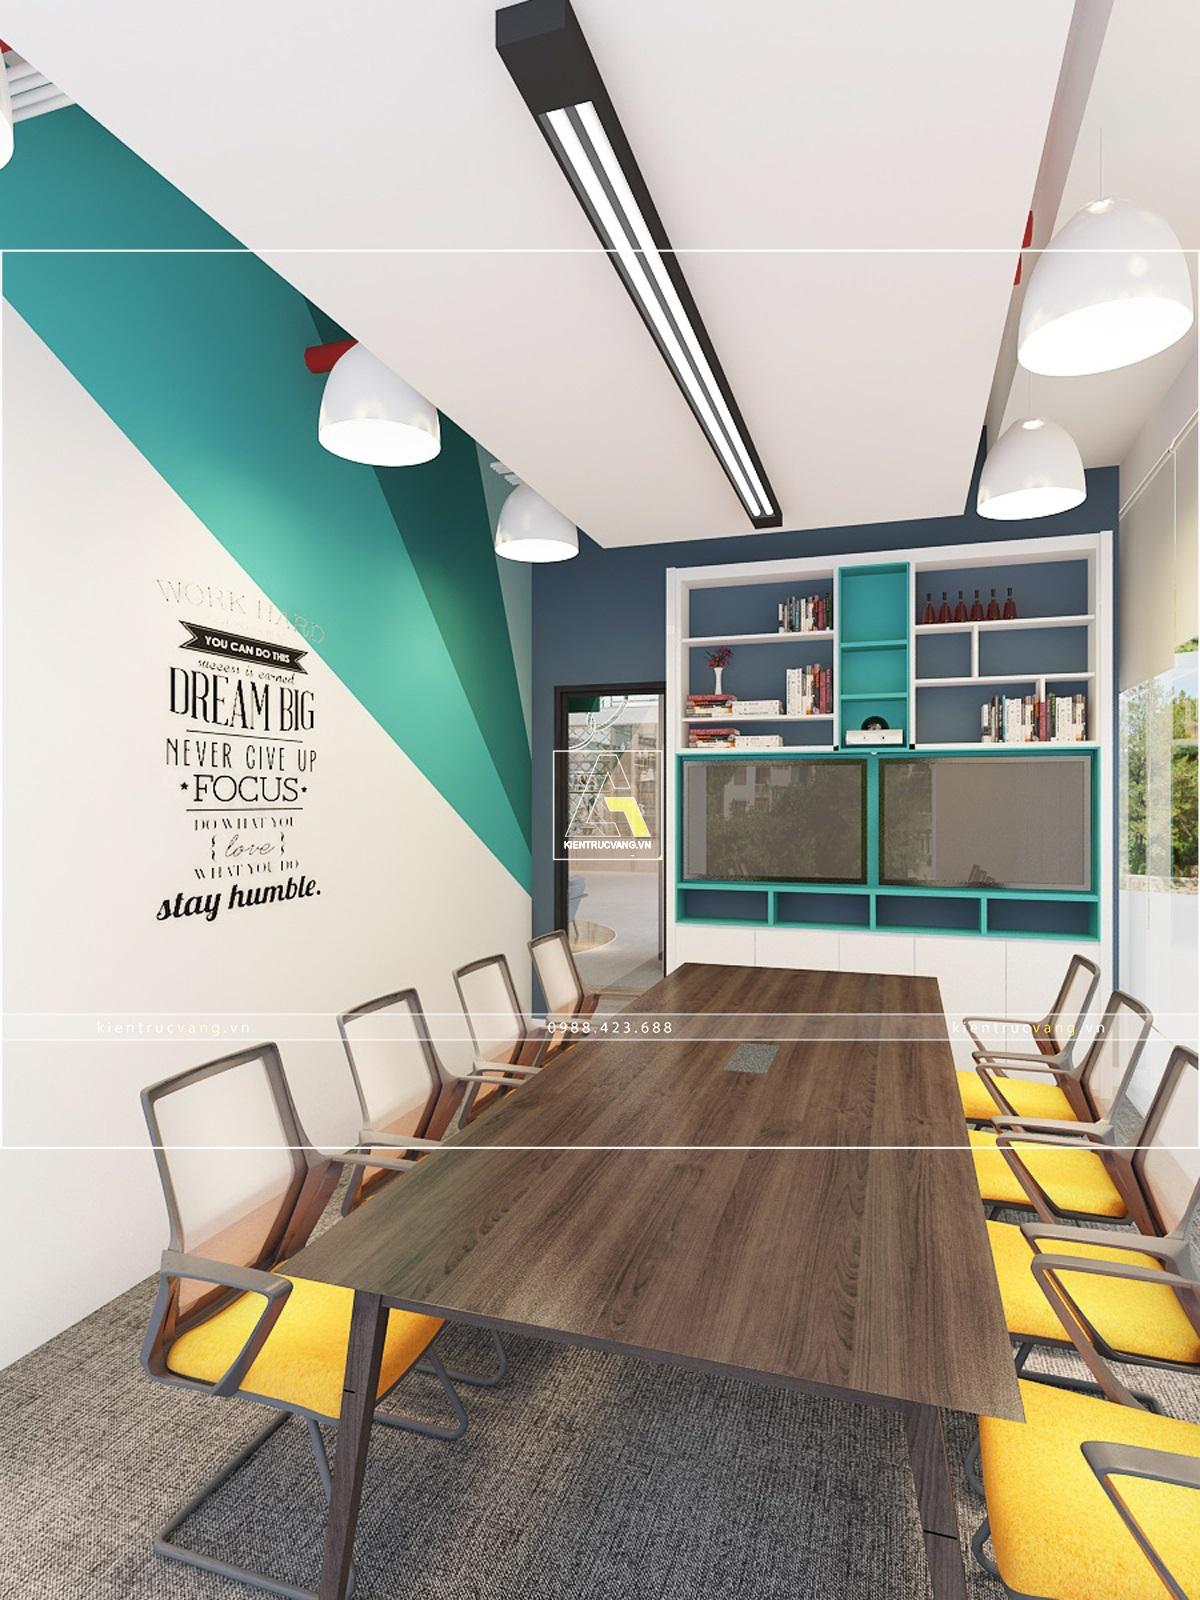 thiết kế nội thất Văn Phòng tại Hồ Chí Minh Thiết kế nội thất văn phòng Misa Hồ Chính Minh 15 1530873744